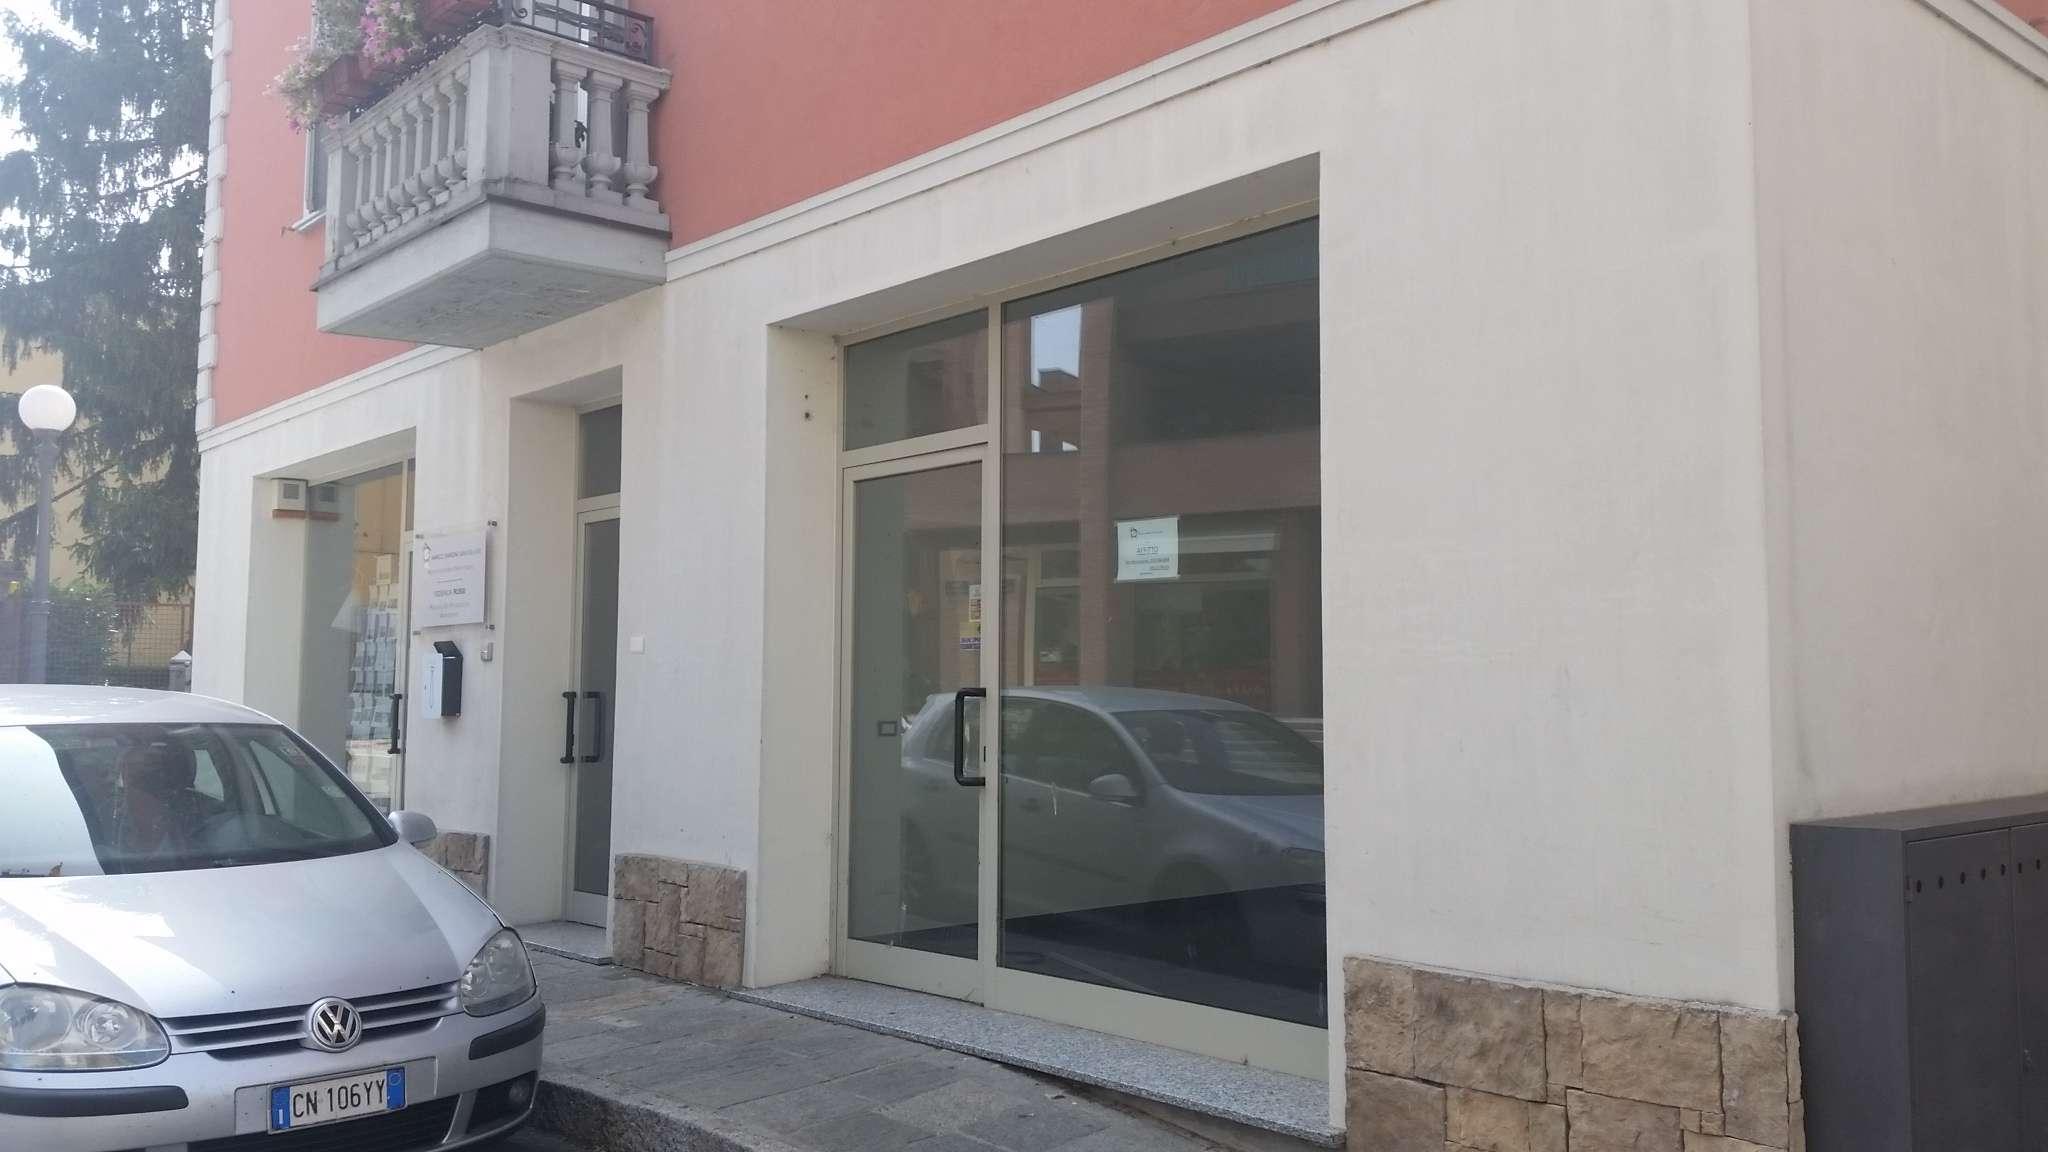 Negozio / Locale in vendita a Collecchio, 1 locali, prezzo € 110.000 | CambioCasa.it